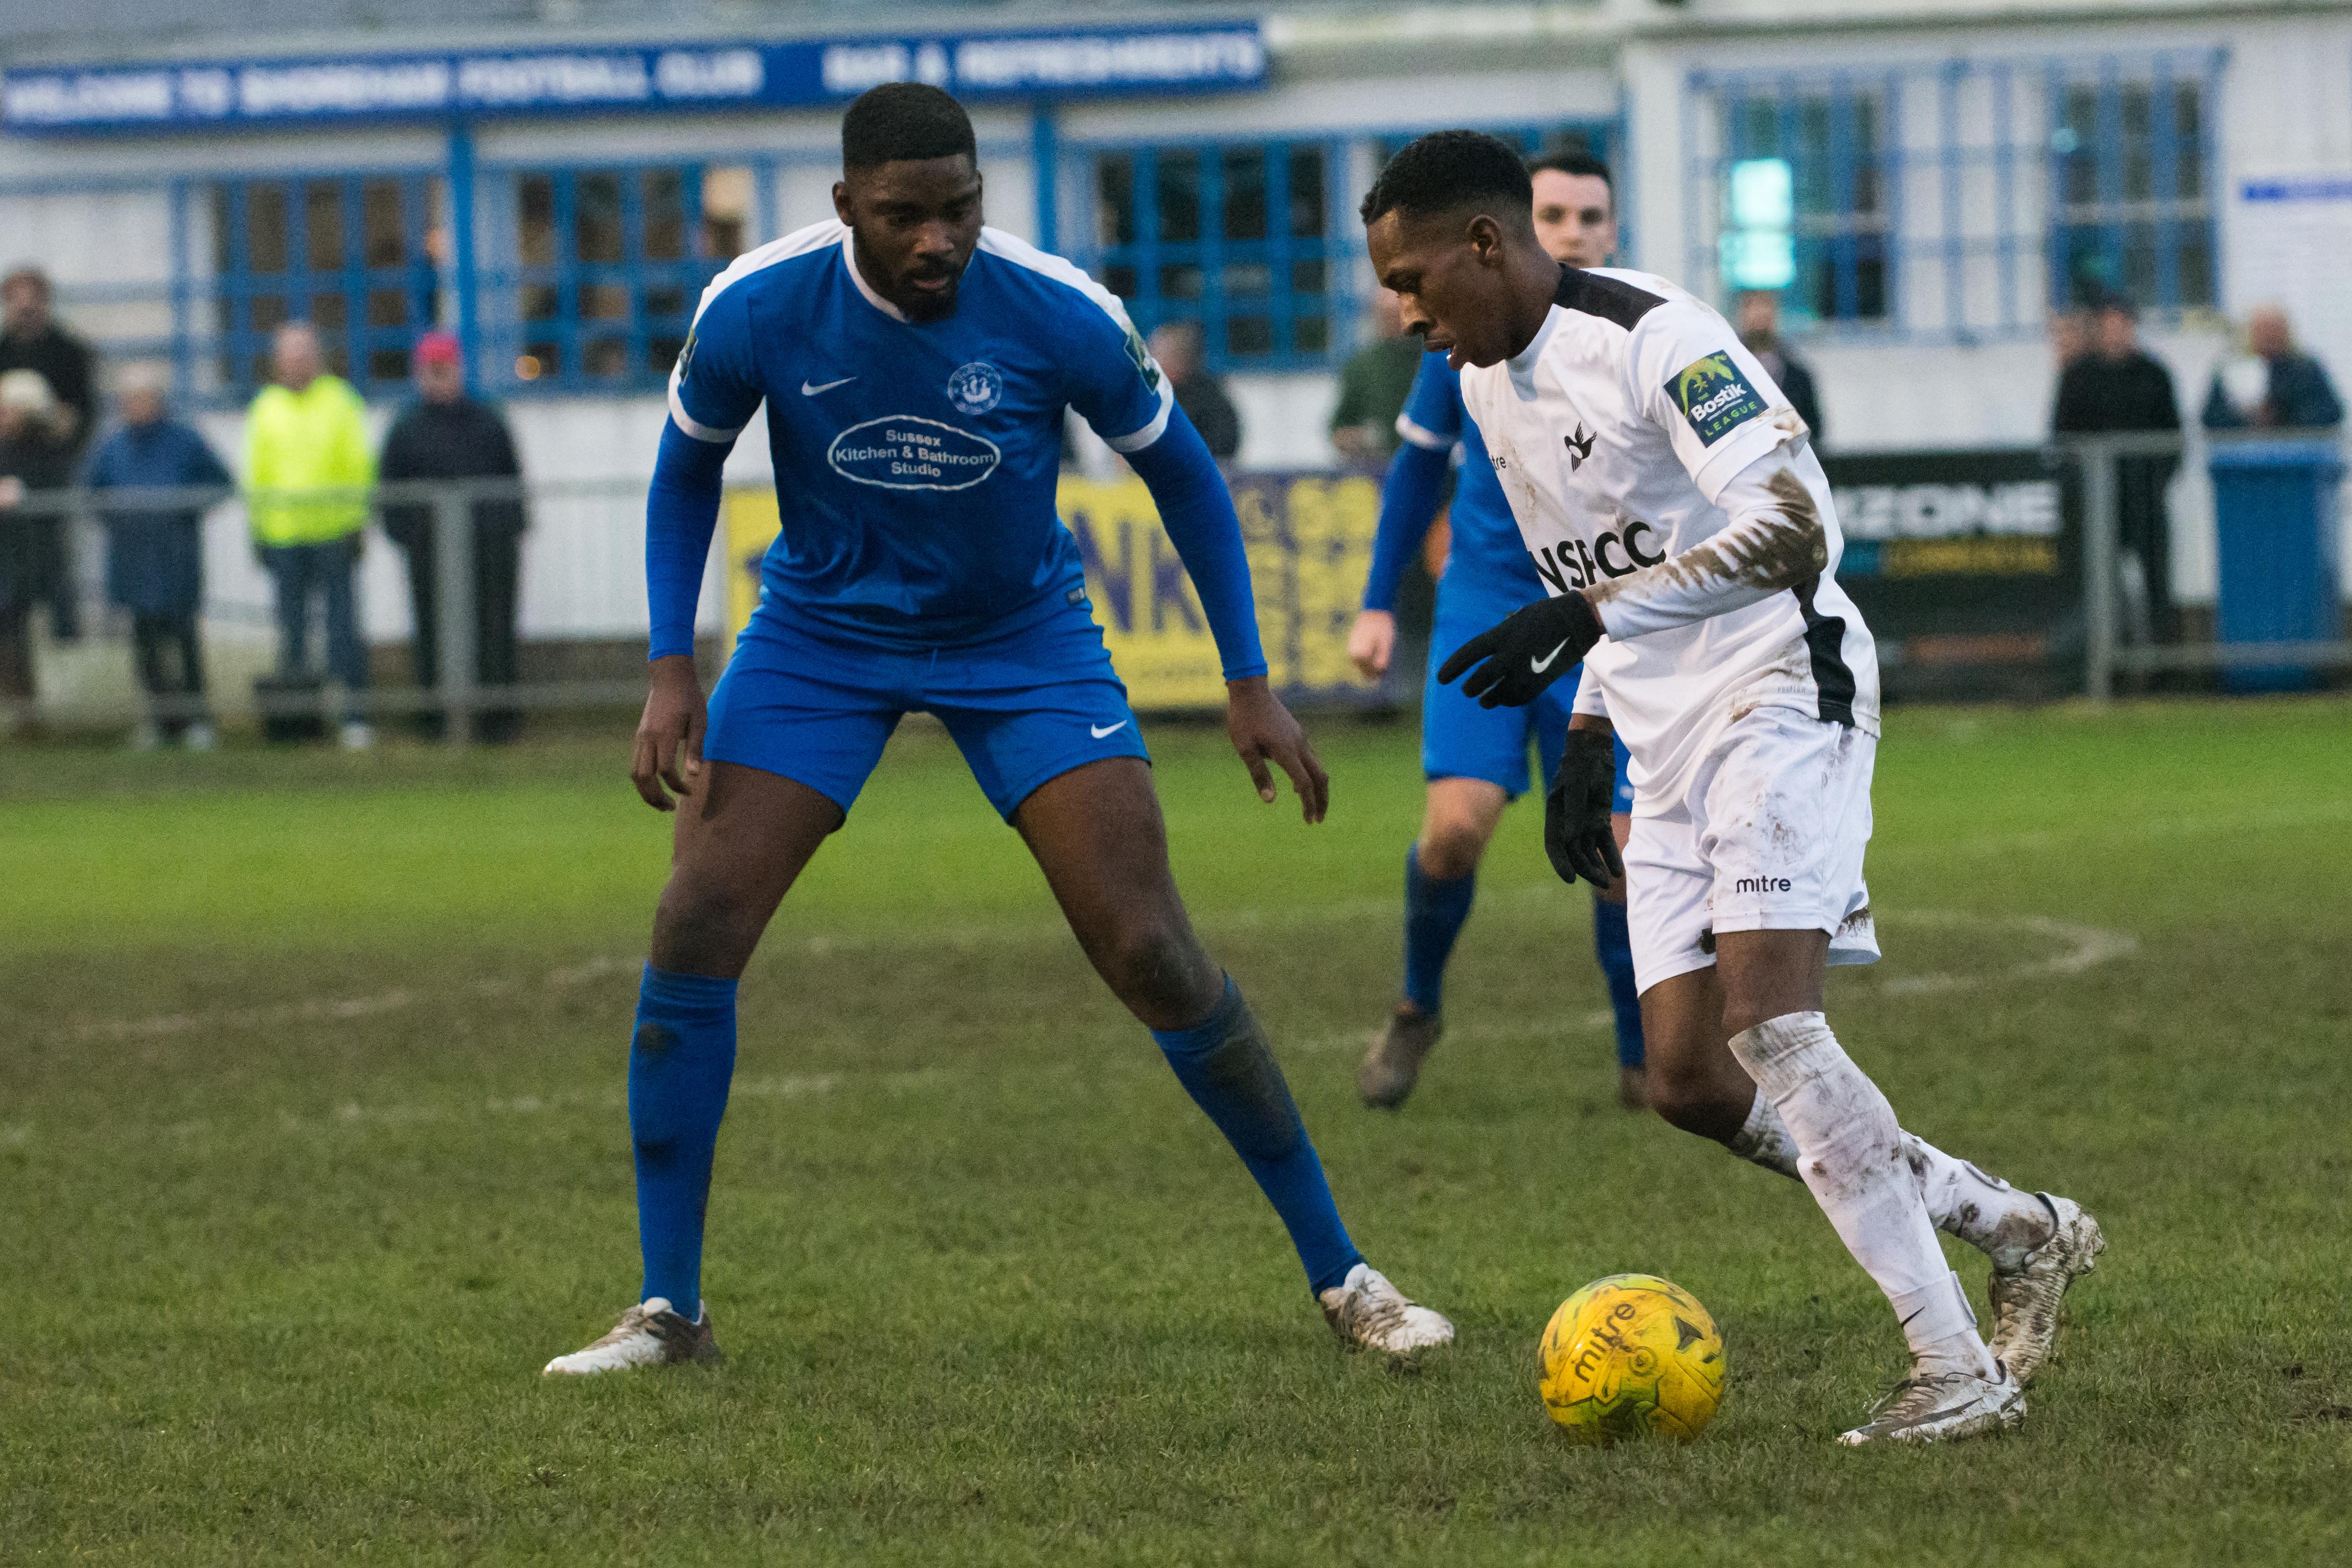 Shoreham FC vs Carshalton Ath 23.12.17 90